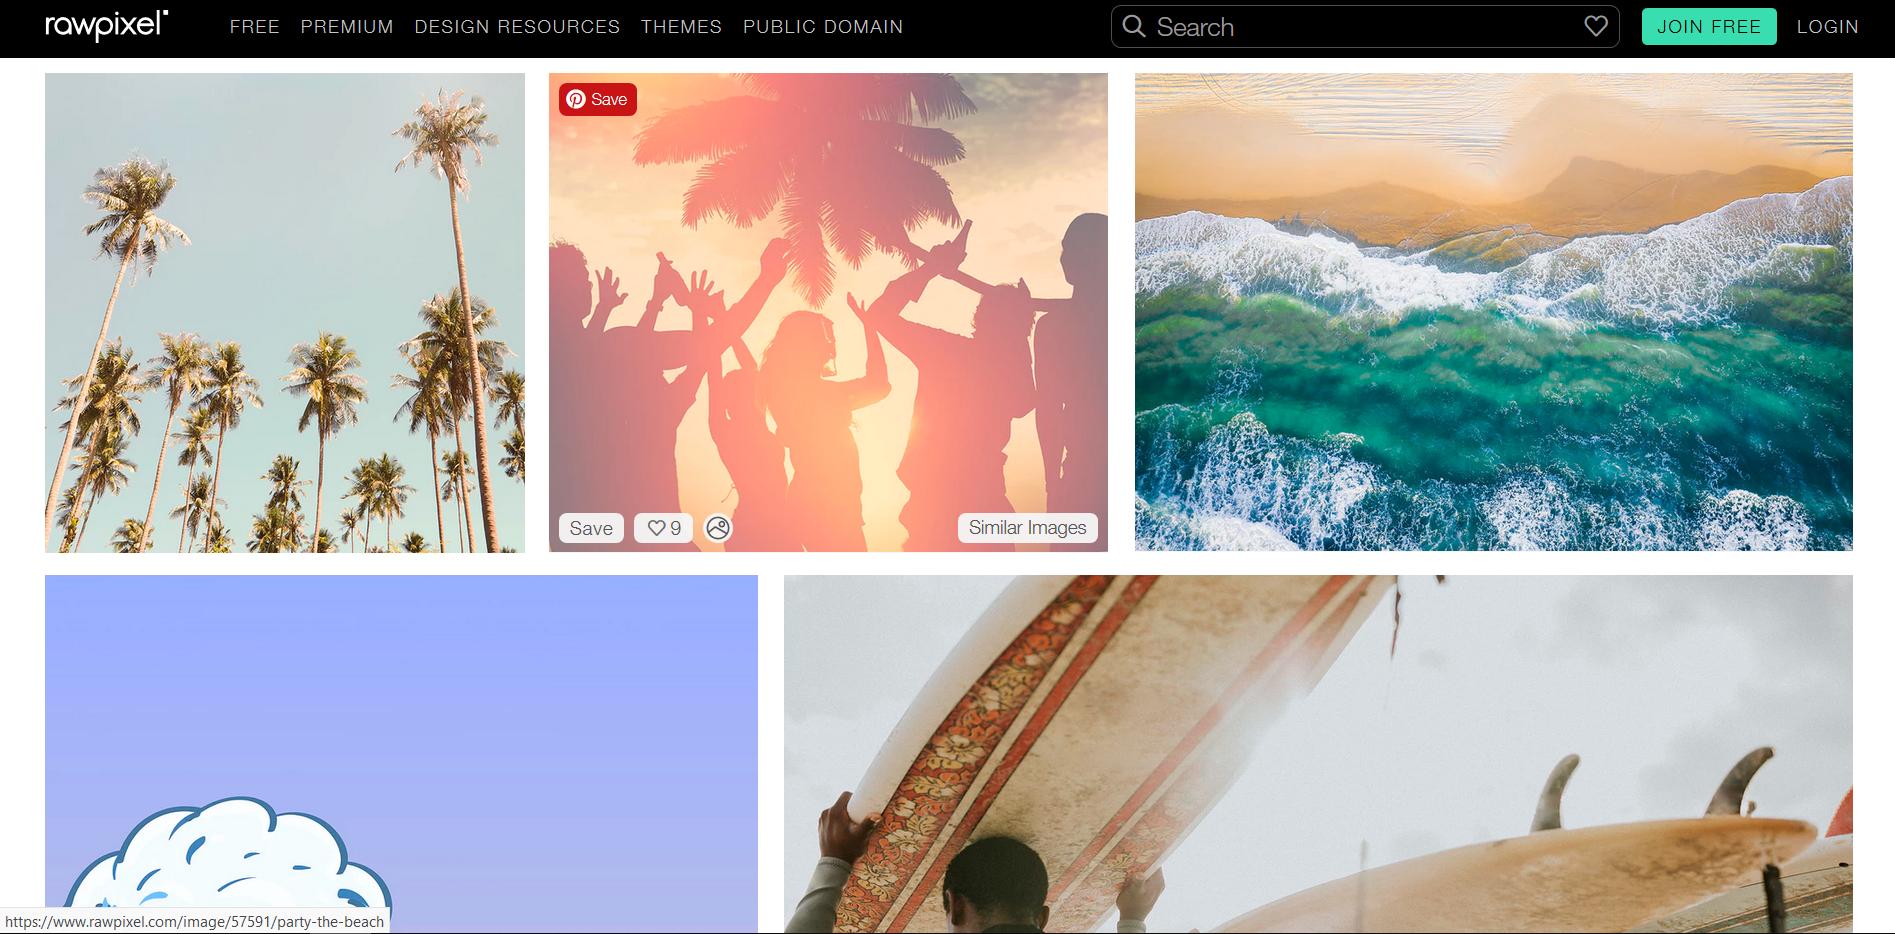 70 Bancos de Imagens Grátis Sites de Fotos Gratuitas 35